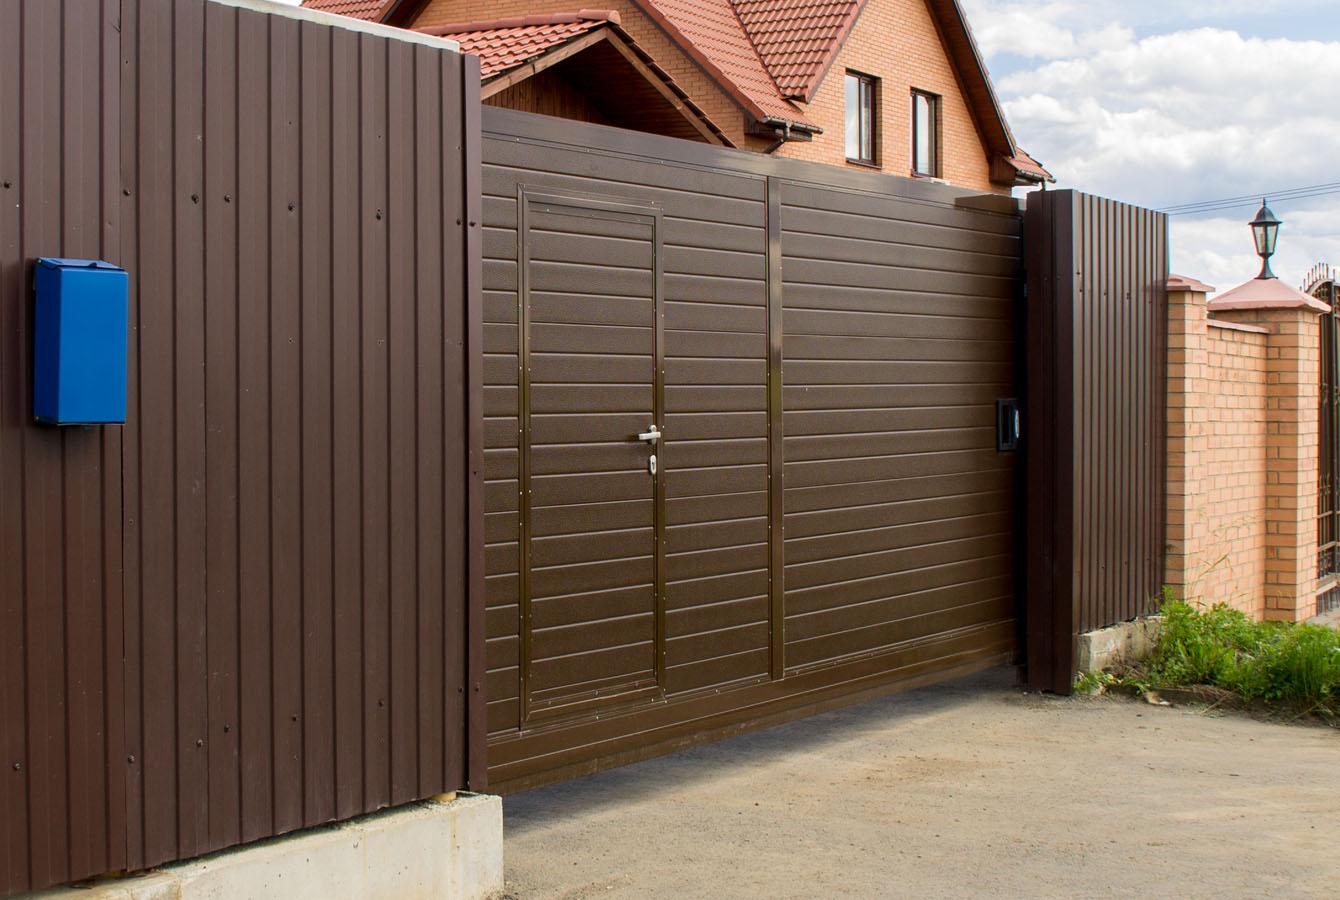 профессиональные услуги фото откатных ворот и калиток для